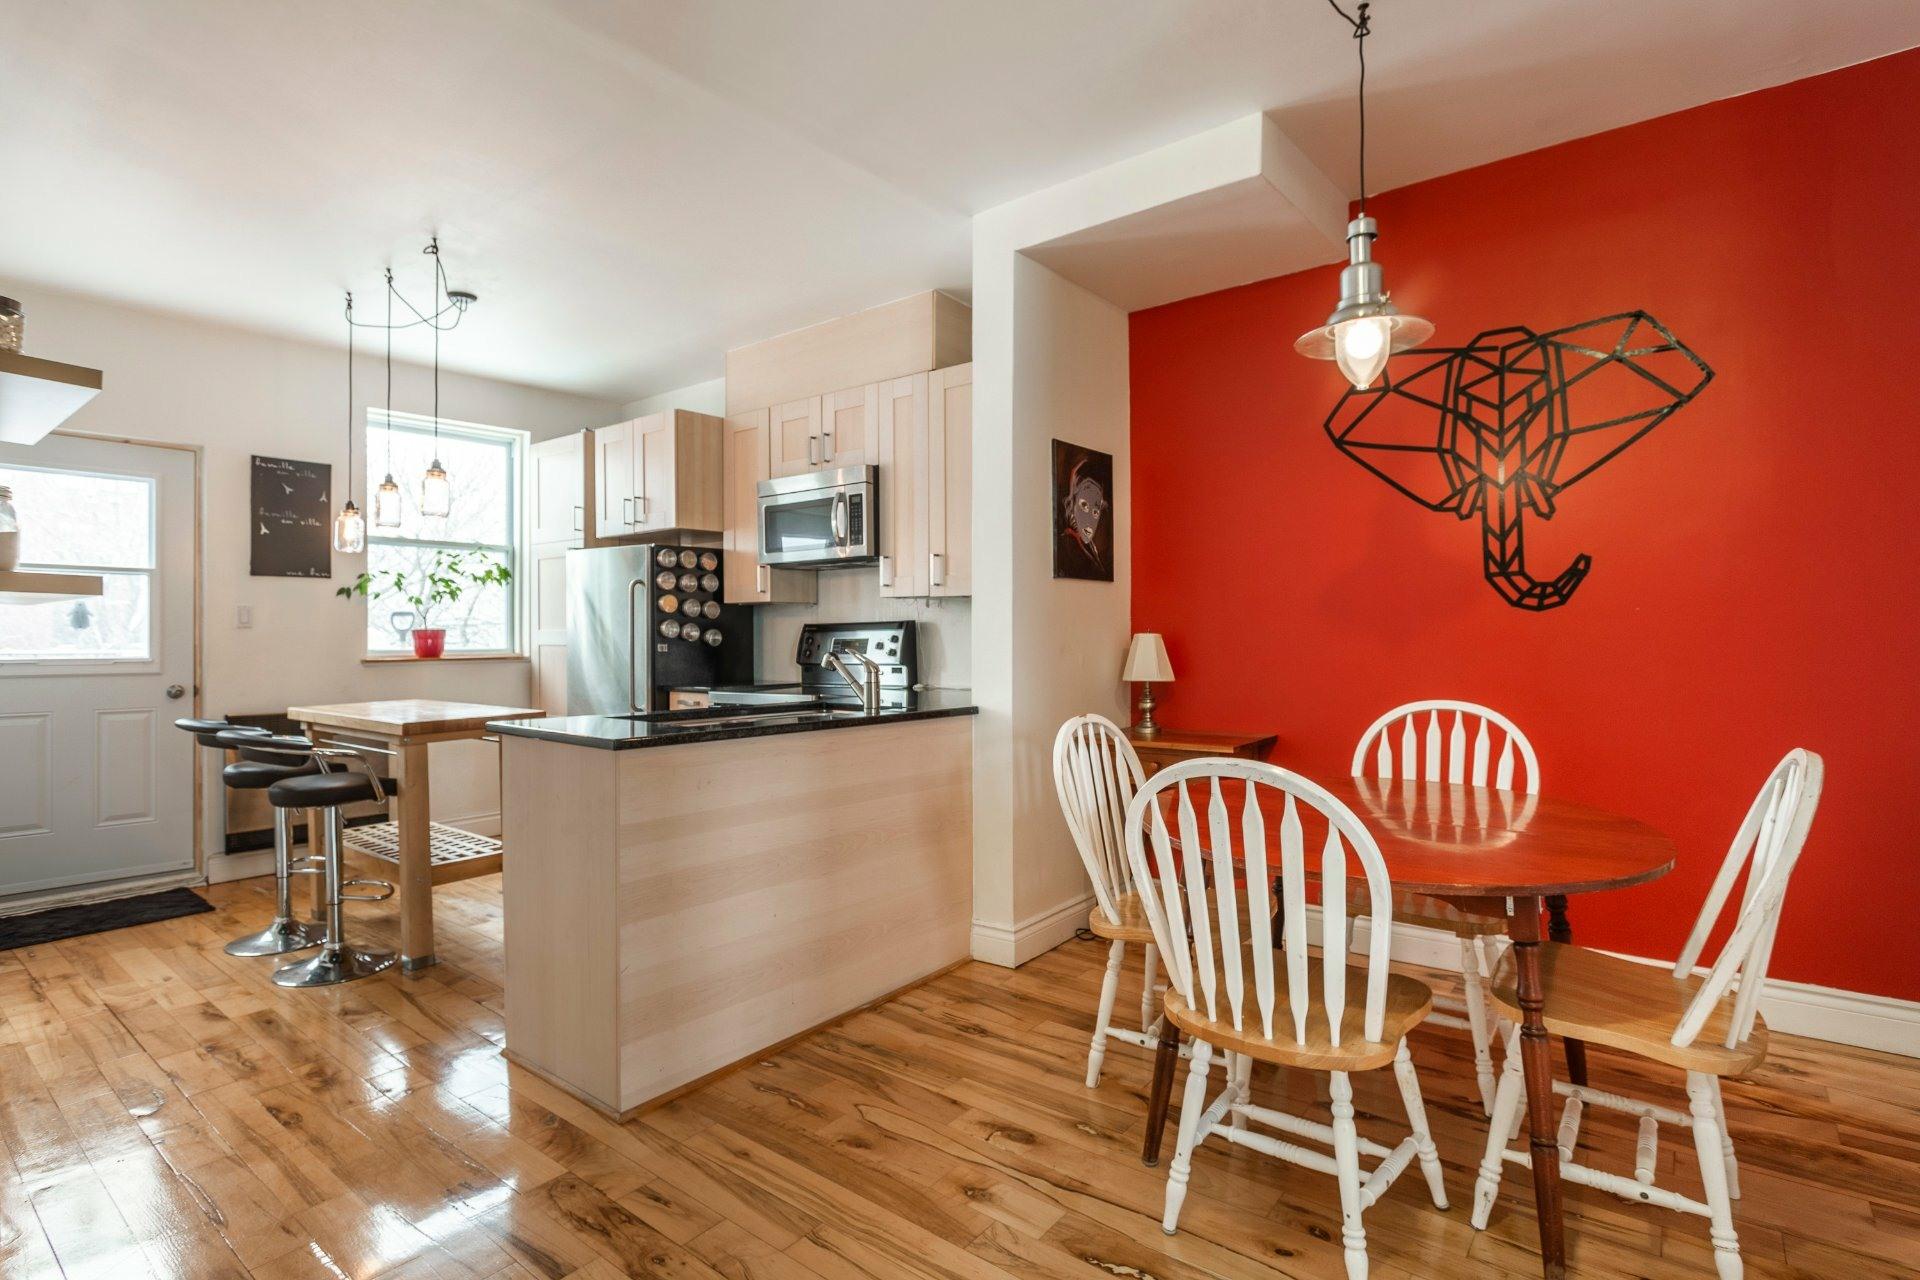 image 10 - Appartement À vendre Montréal Ville-Marie  - 4 pièces